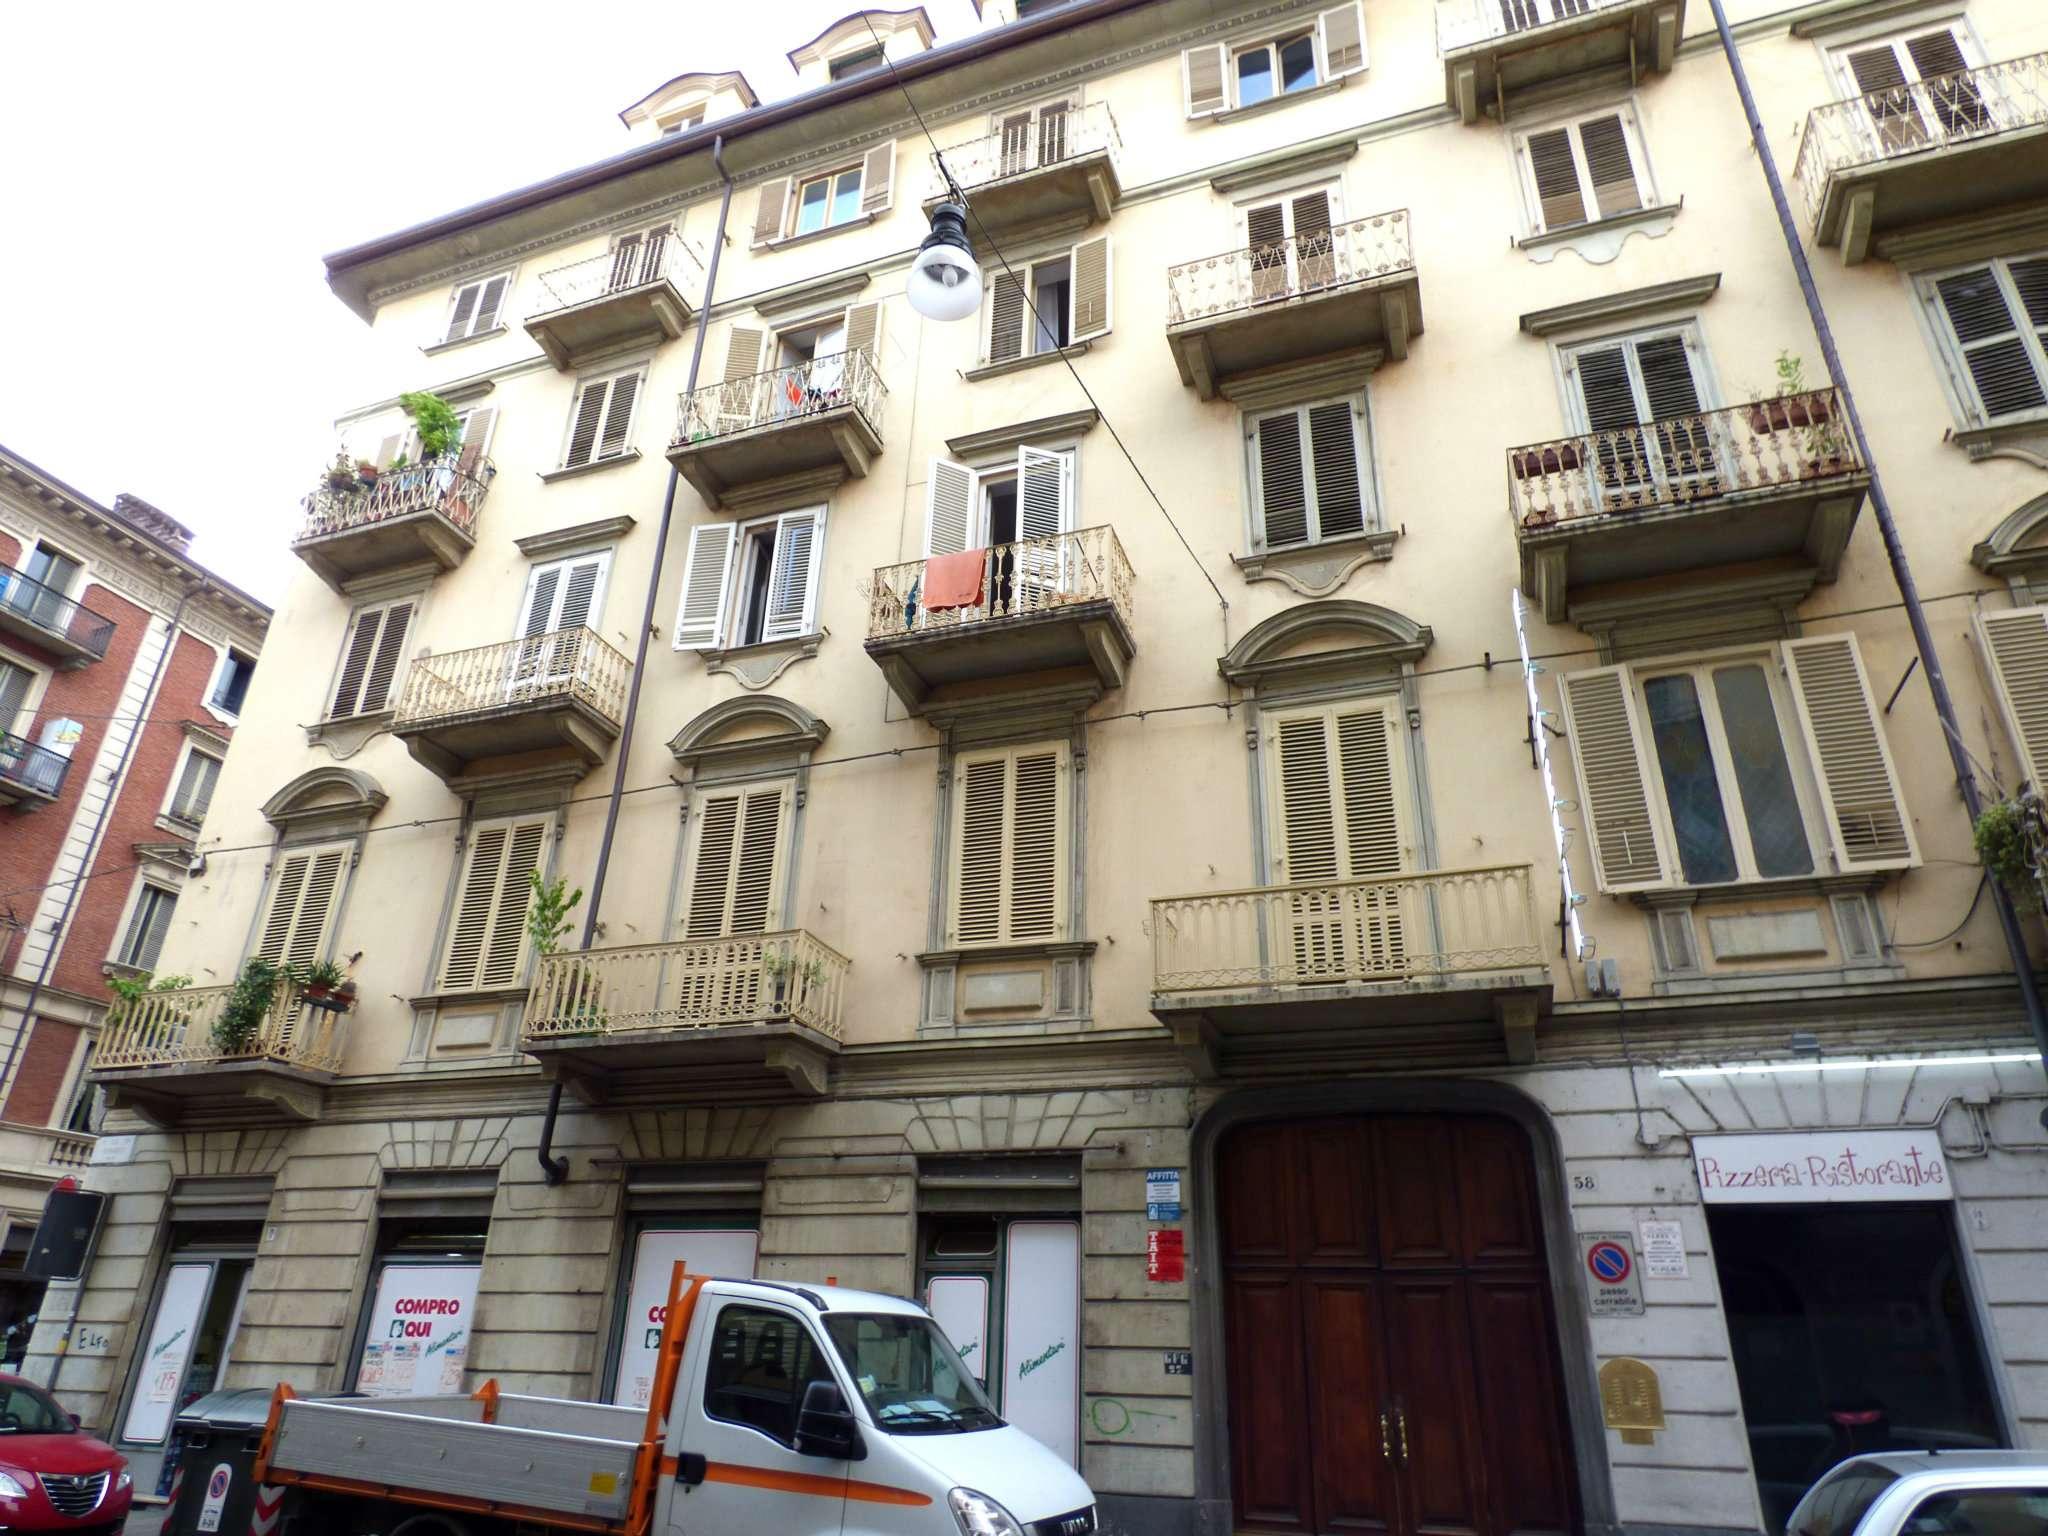 Attico/Mansarda in affitto Zona Crocetta, San Secondo - via Gioberti 58 Torino